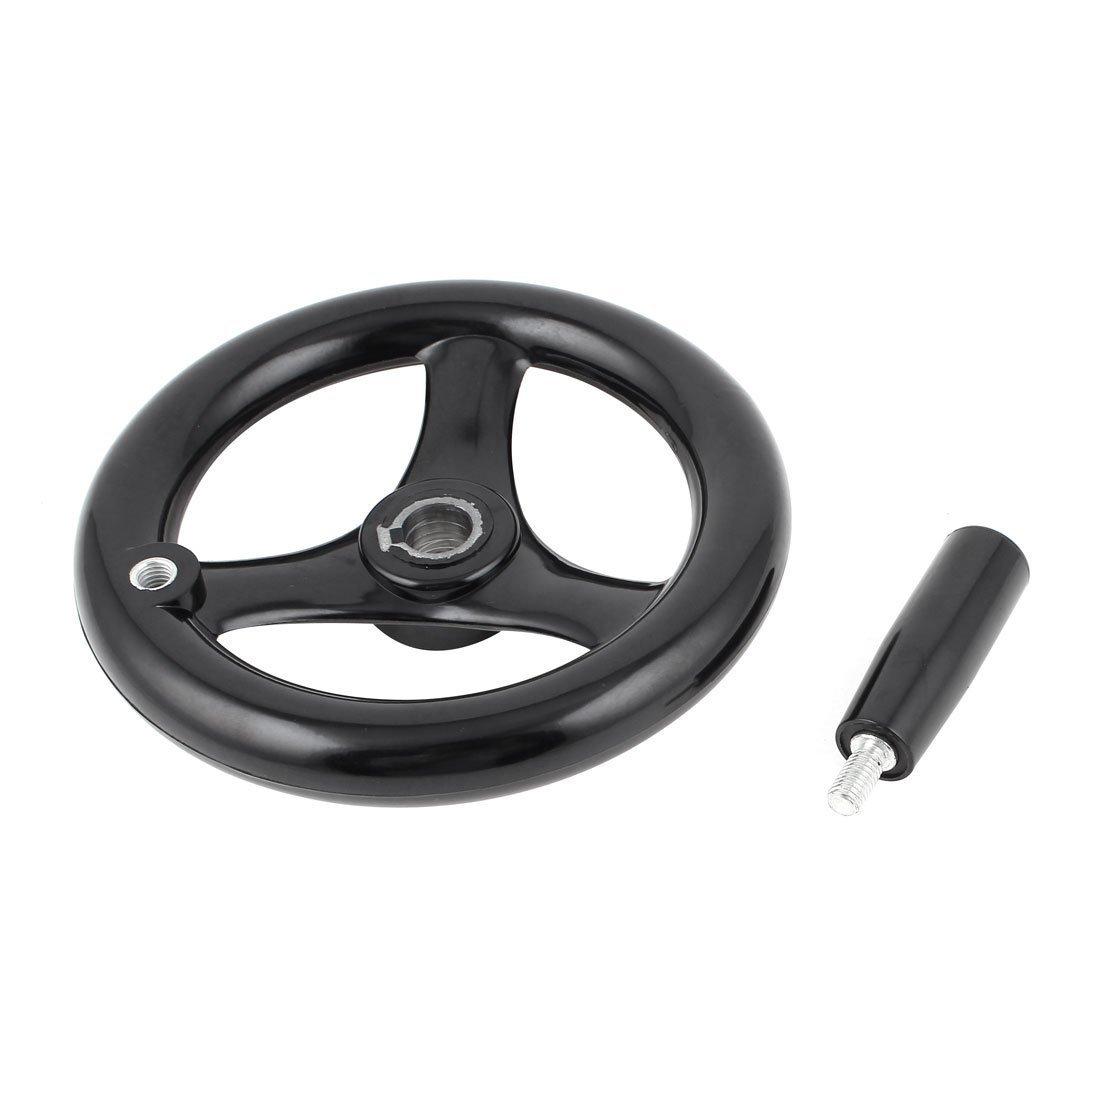 sourcingmap® 16mm x 160mm Negro baquelita 3 de radios del volante de la rueda w de la mano de la manija para Torno US-SA-AJD-90410